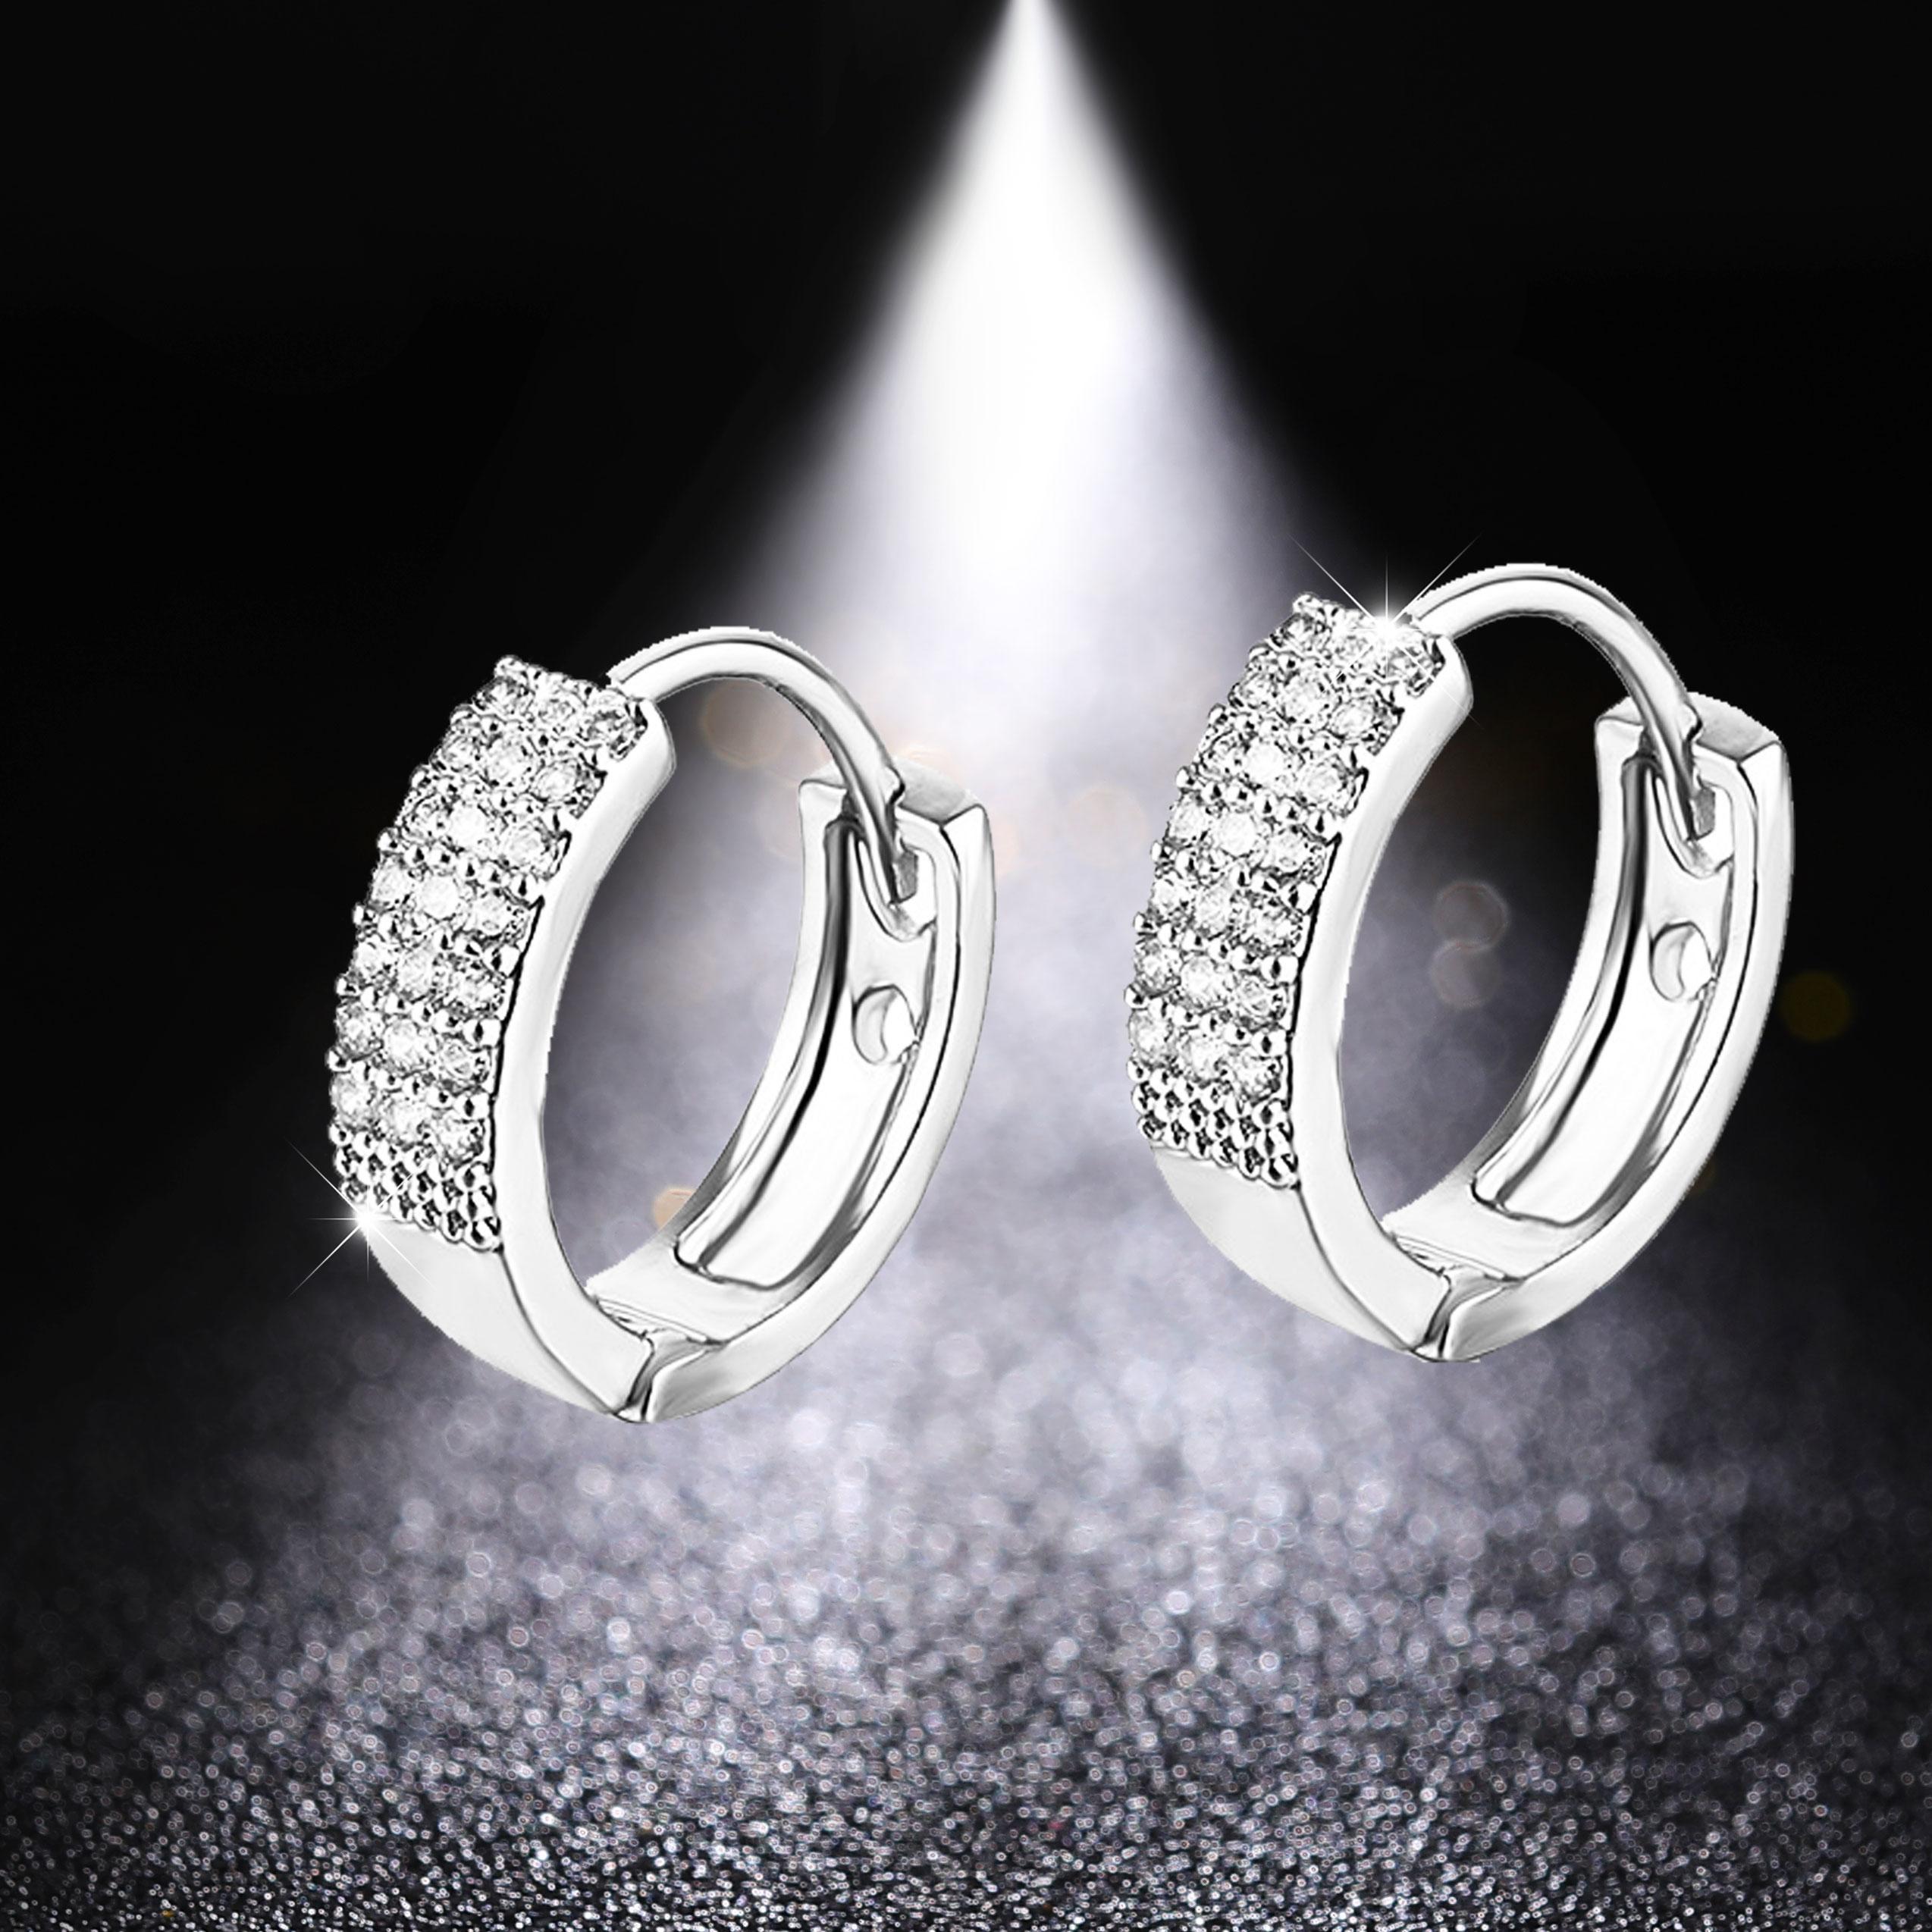 Серьги HUAMI из розового золота и серебра, простые серьги с геометрическим рисунком, оптовая цена от производителя, свадебные аксессуары для ж...